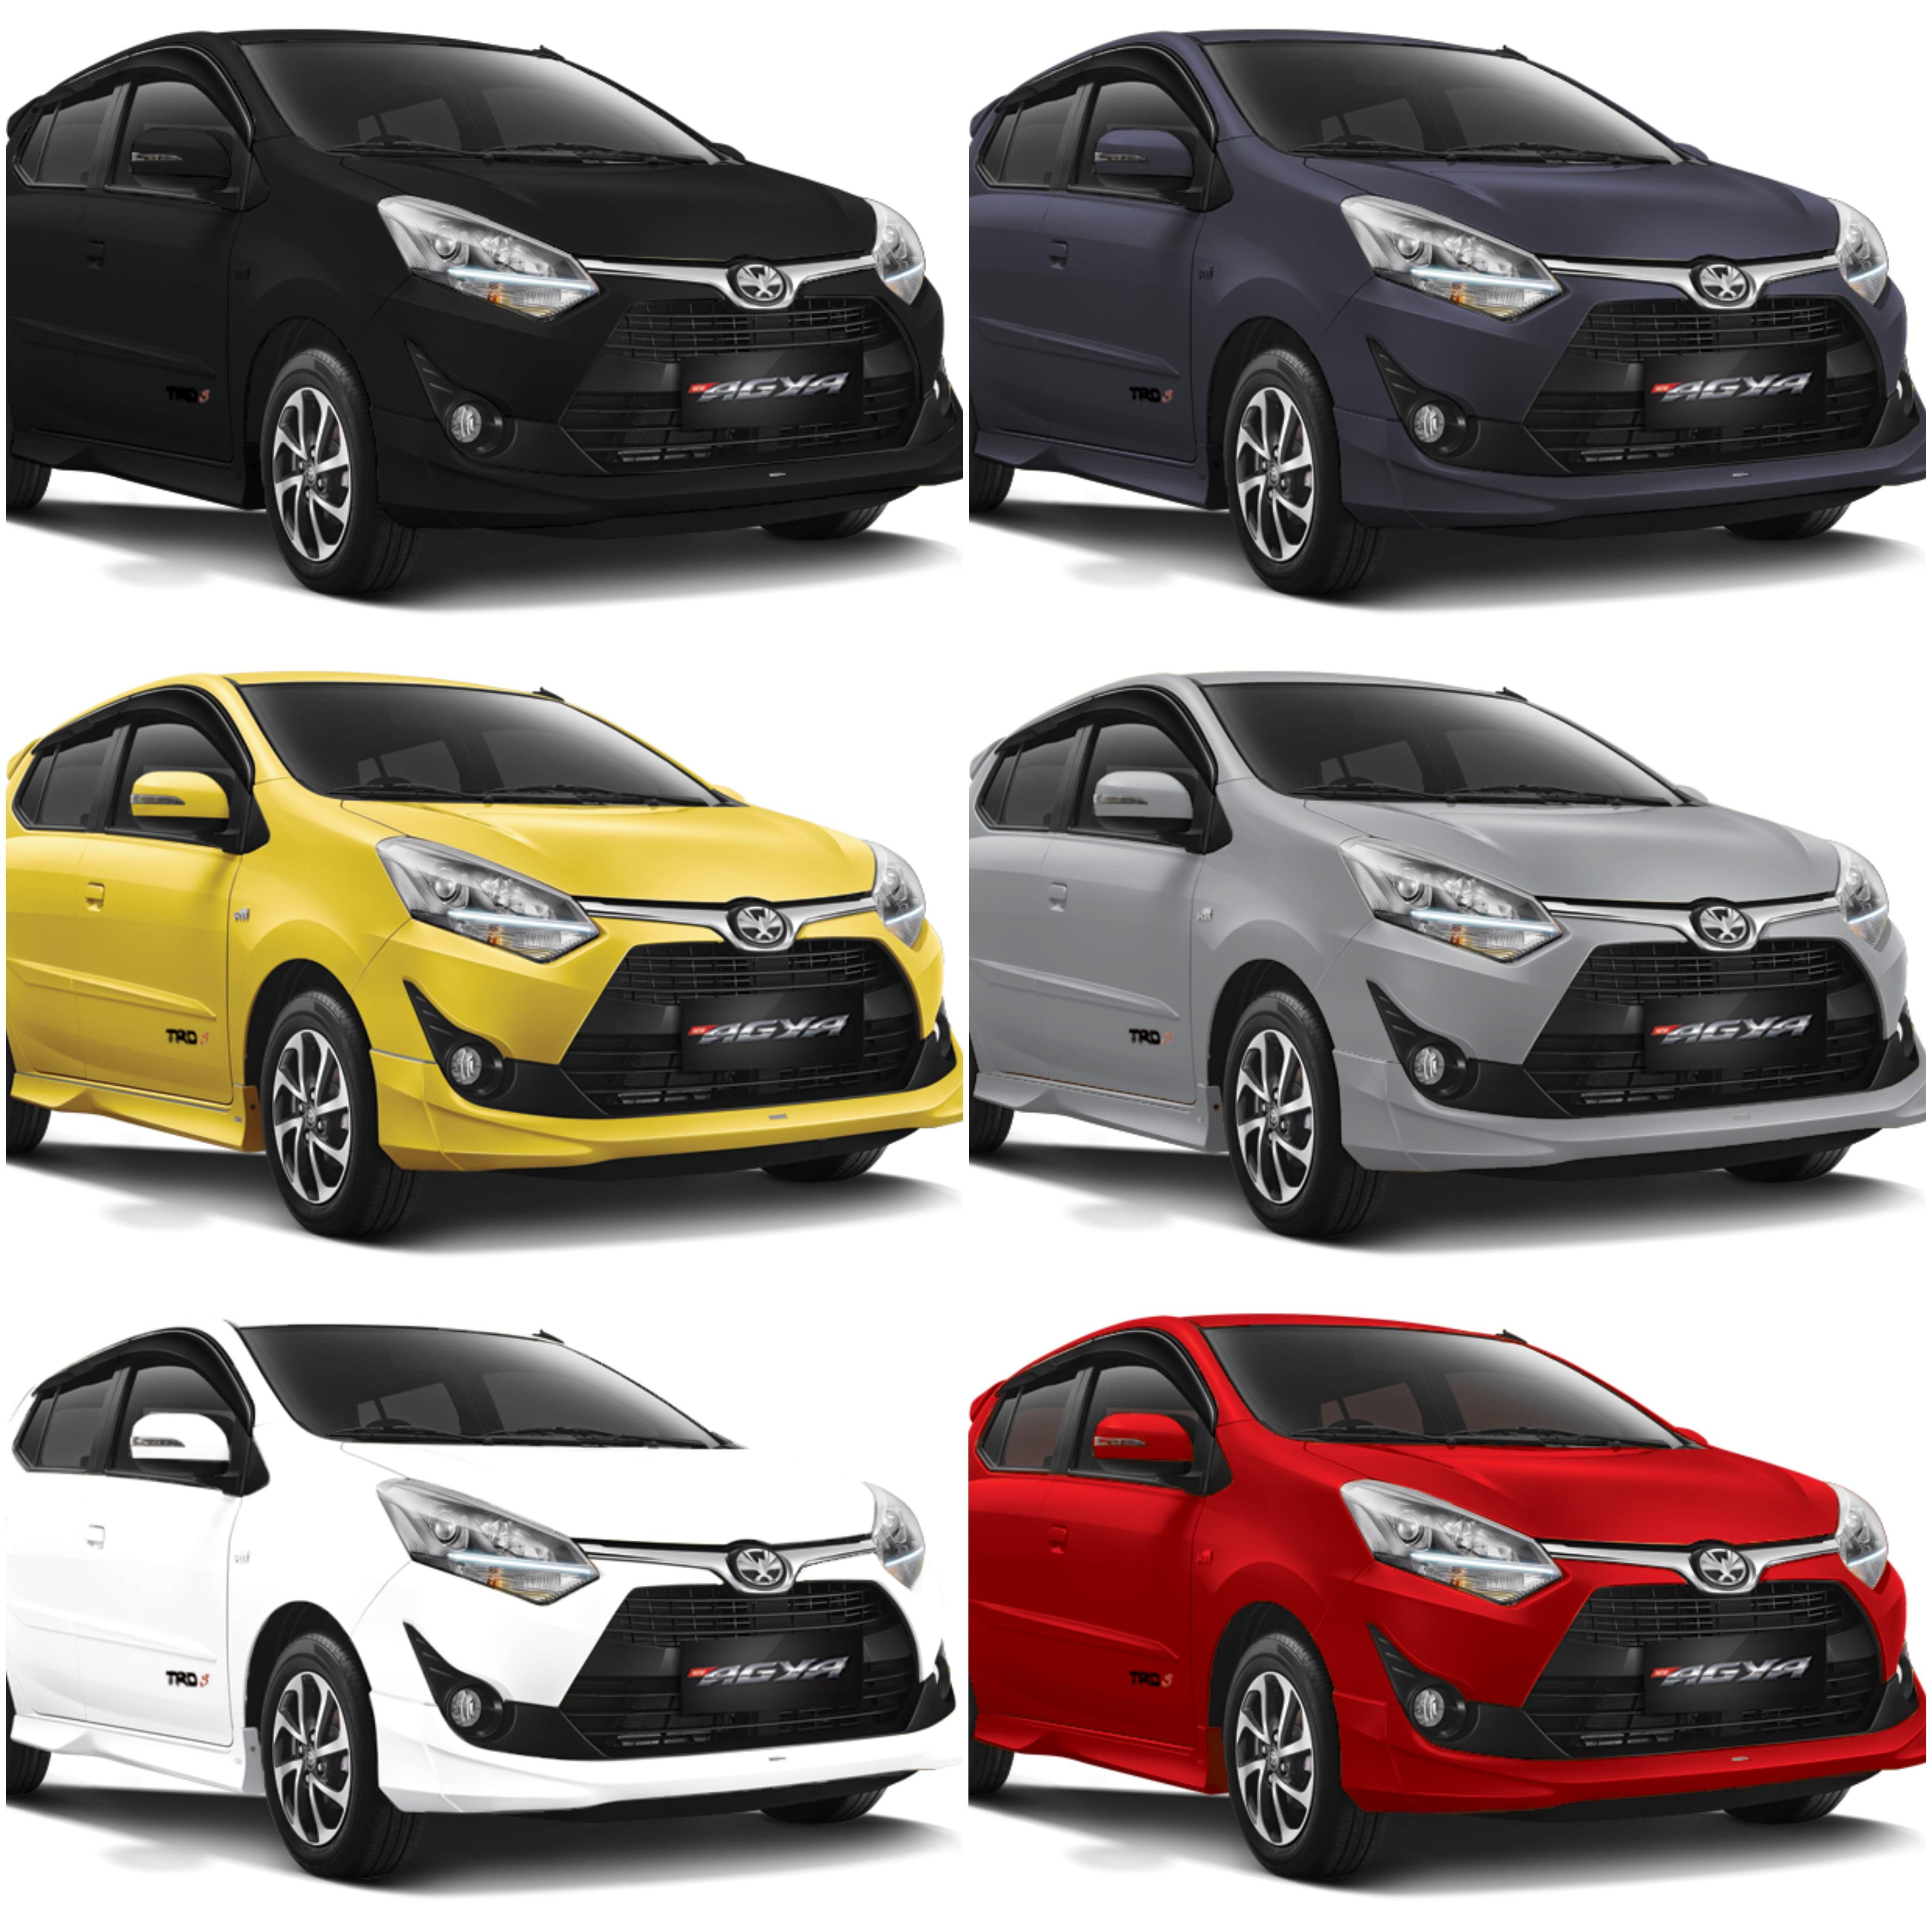 harga new yaris trd 2018 grand avanza veloz 1.5 a/t dan spesifikasi mobil toyota agya terbaru